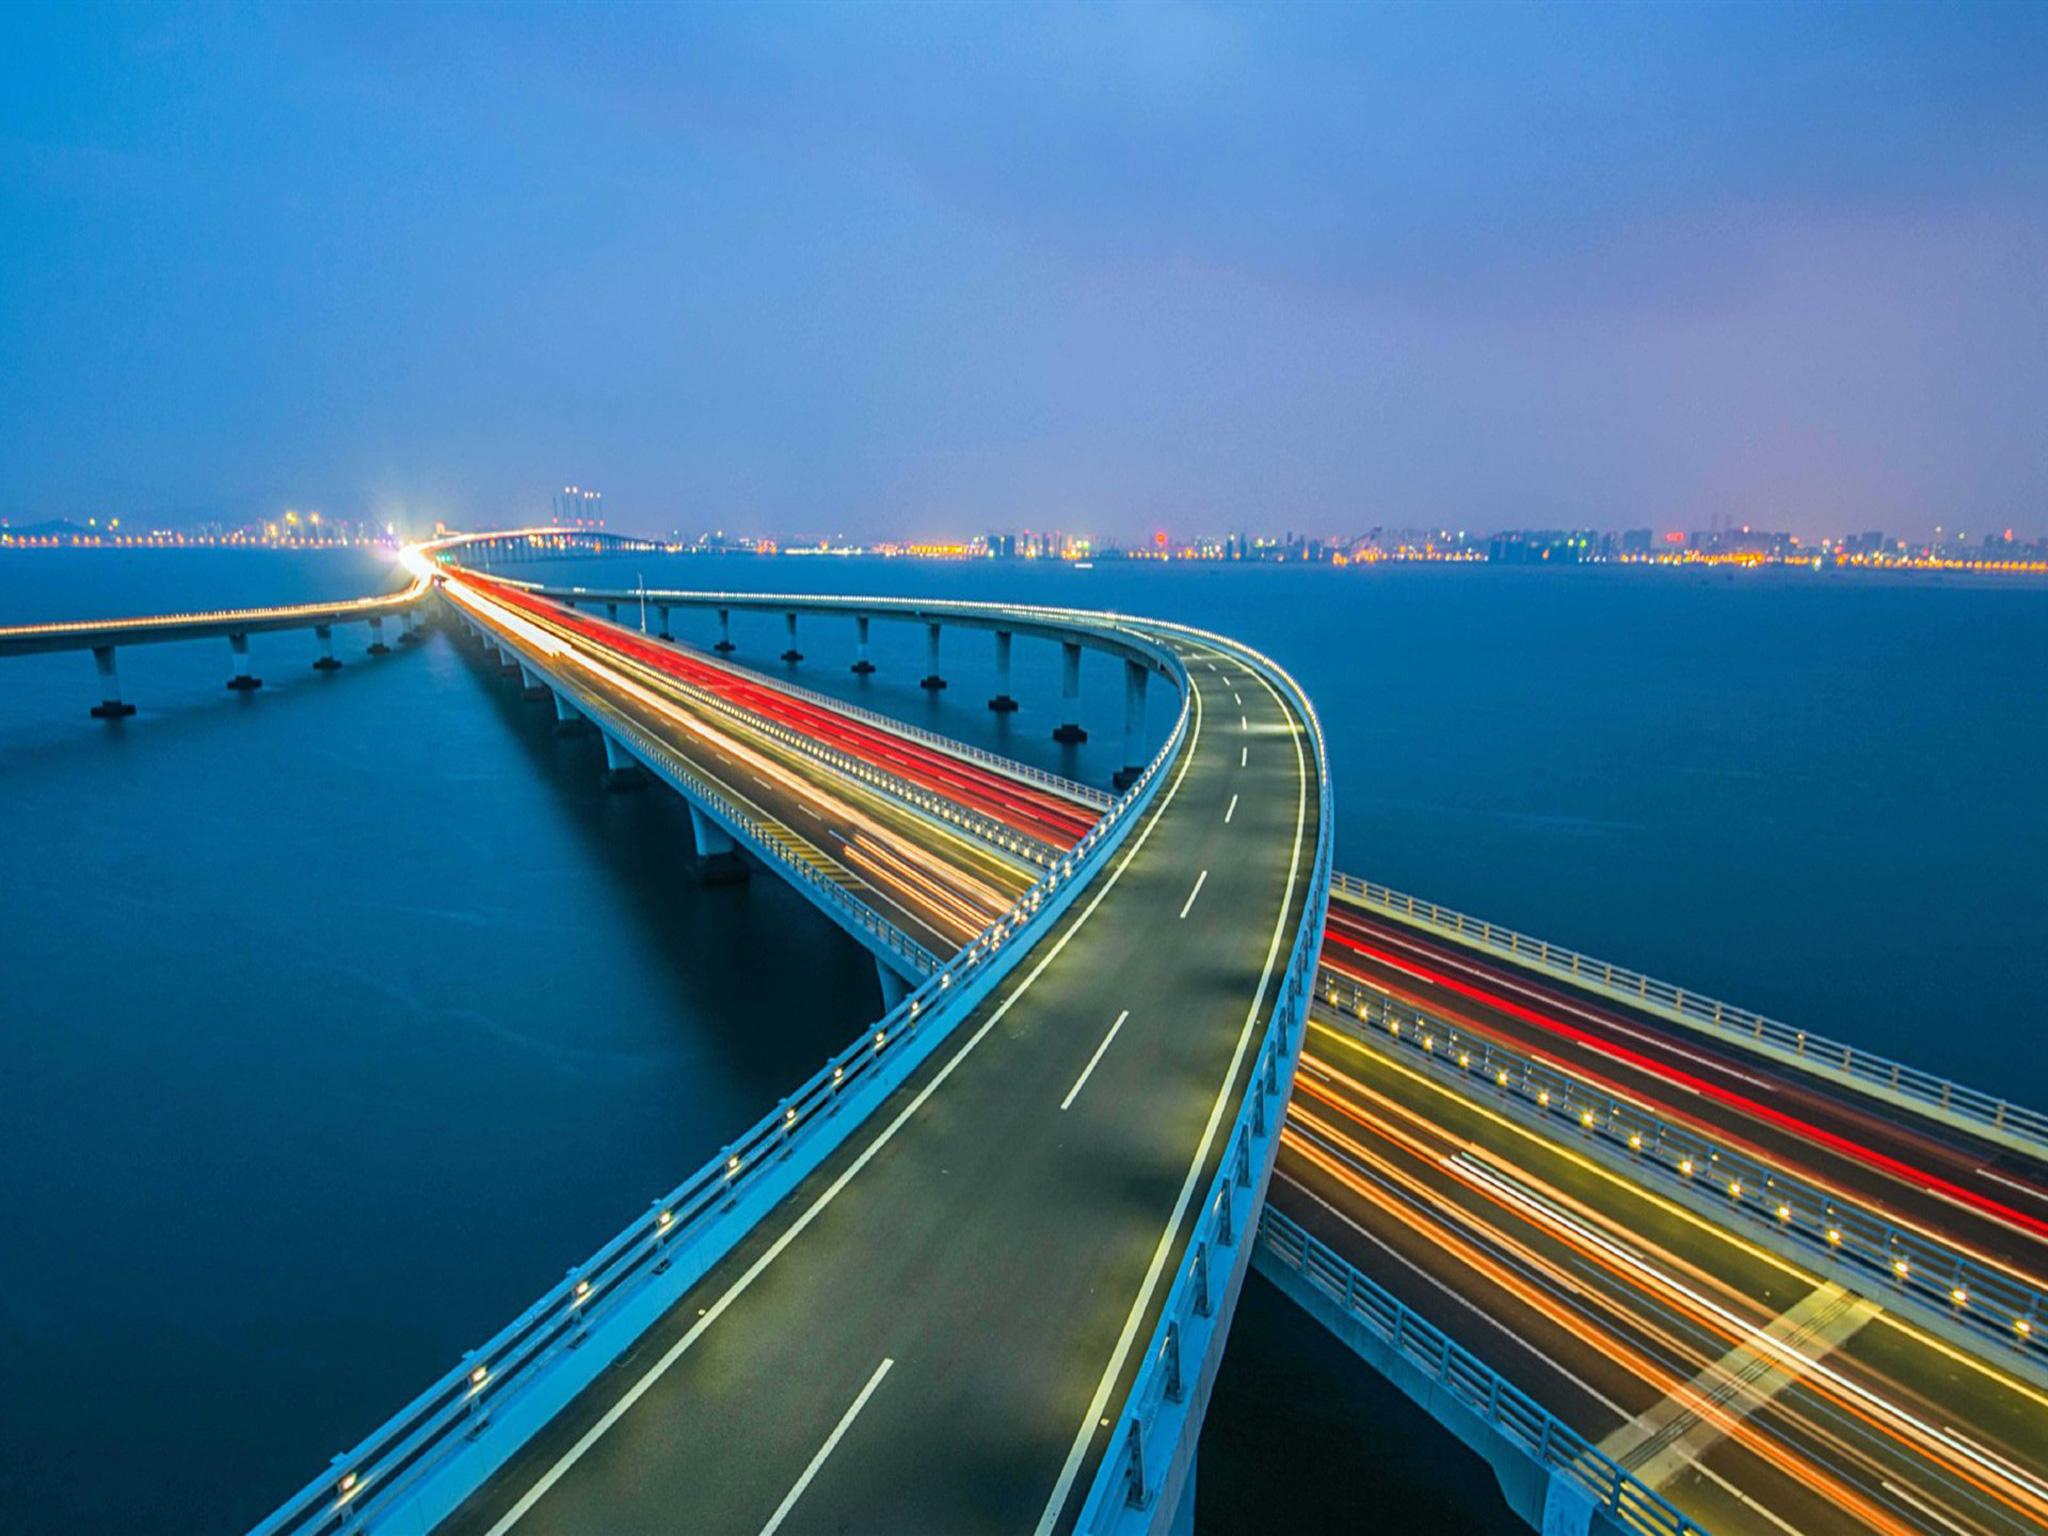 青岛4日3晚跟团游(3钻)·崂山 青山渔村 迎宾馆 跨海大桥 美食大餐